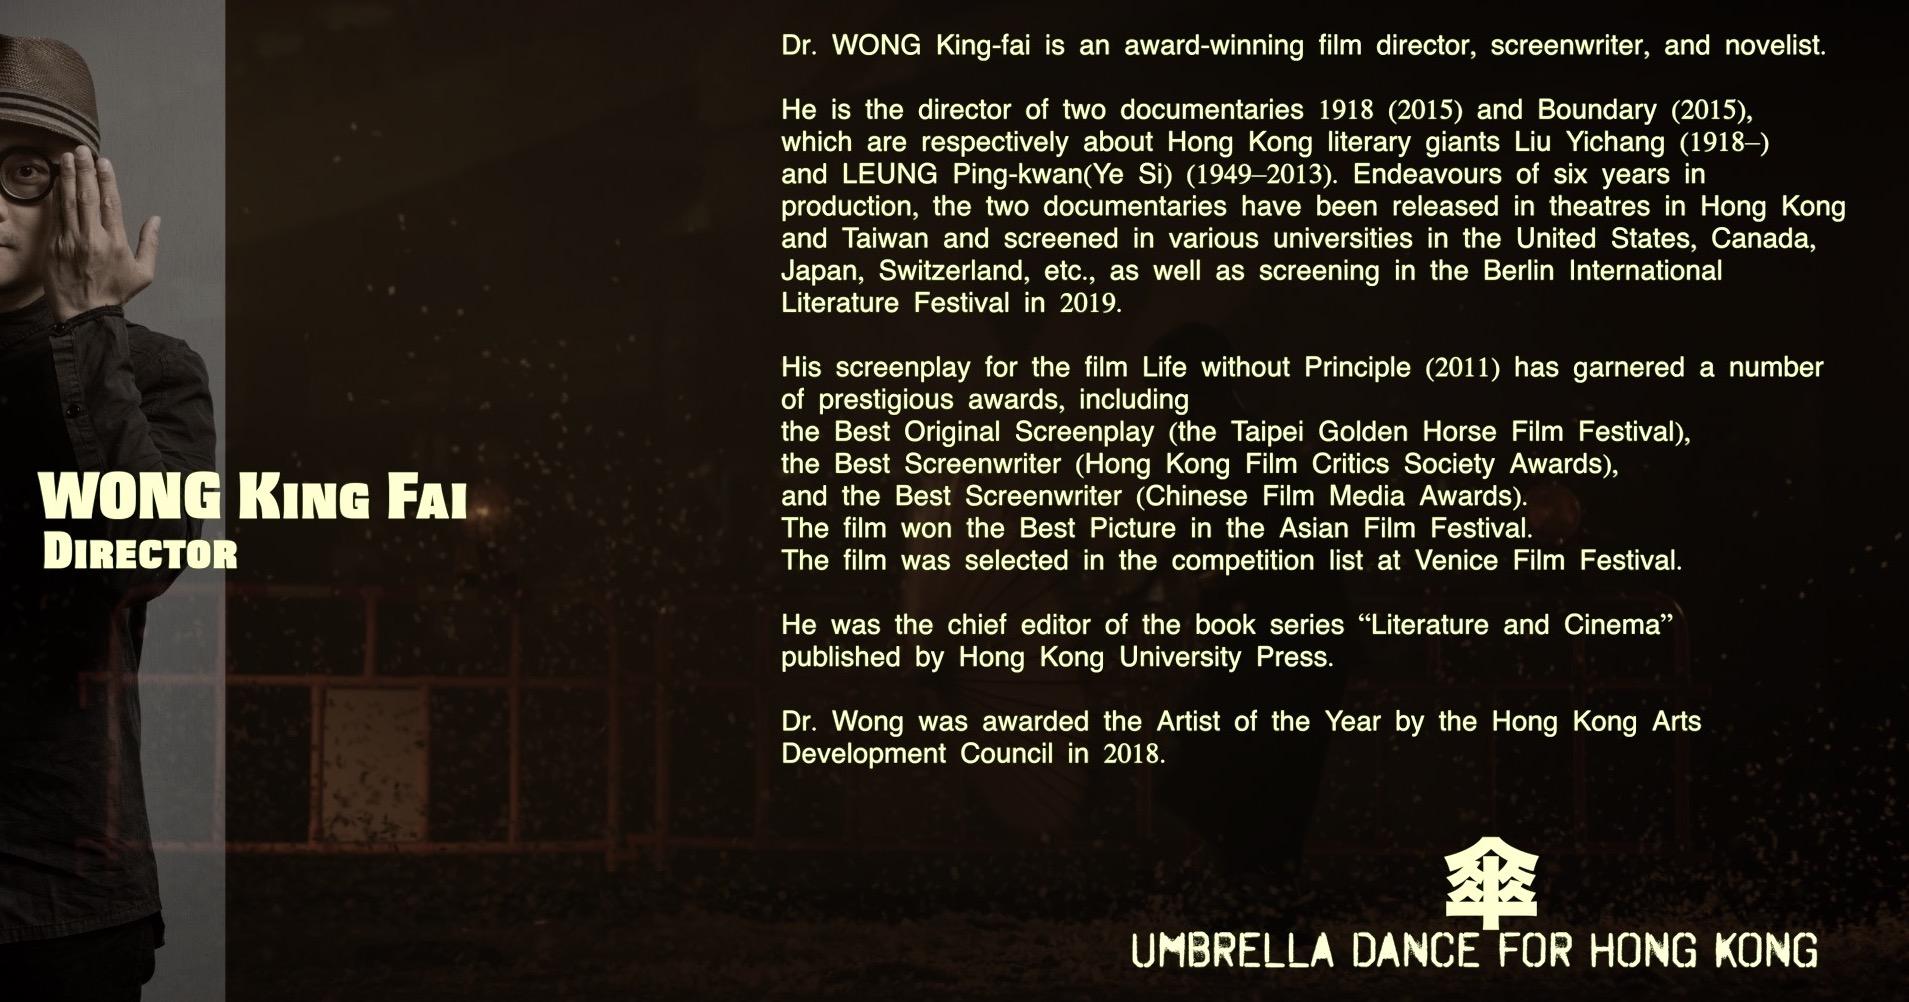 Director_WONG King Fai_001.jpeg